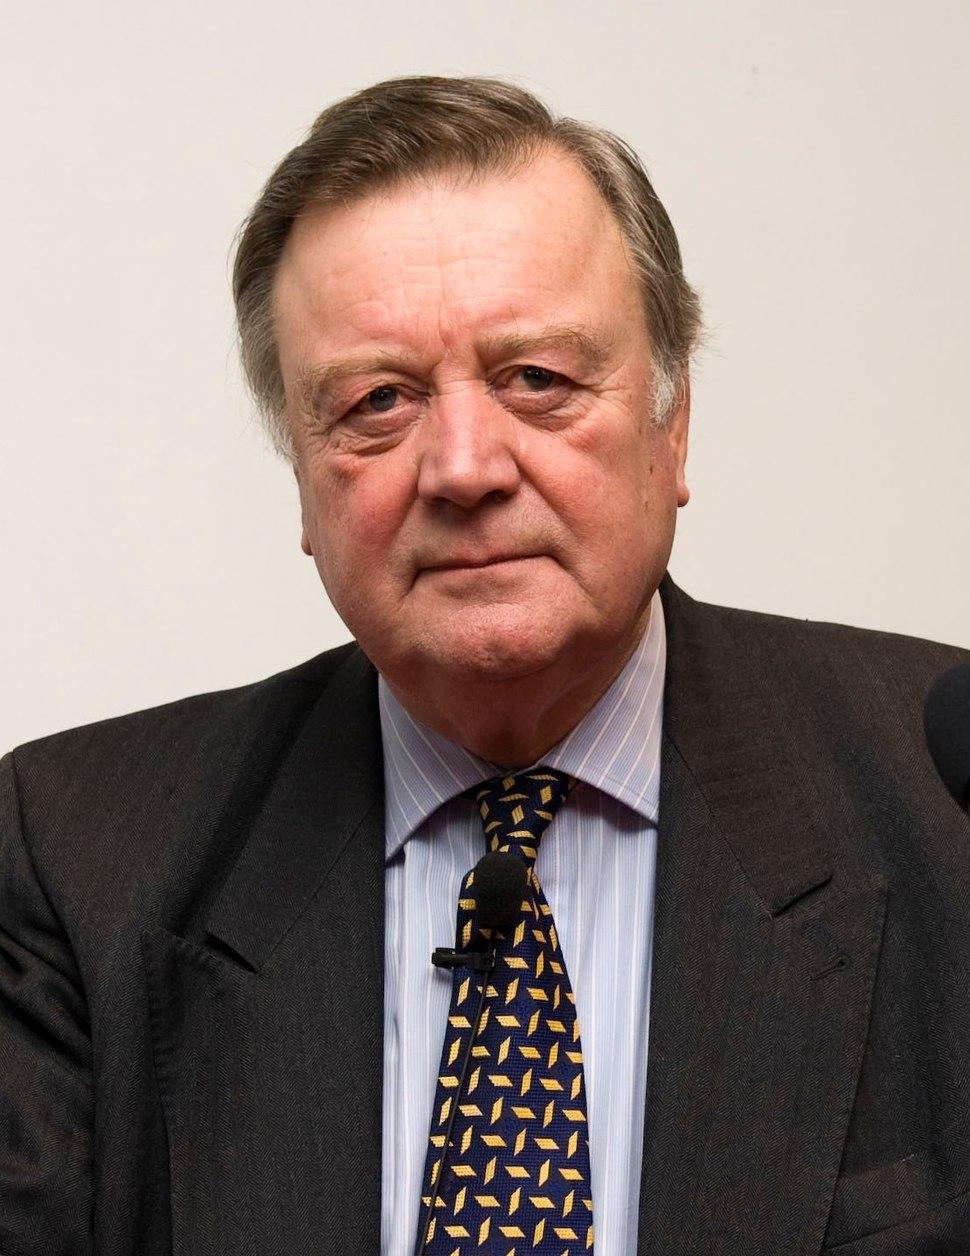 Ken Clarke 2010